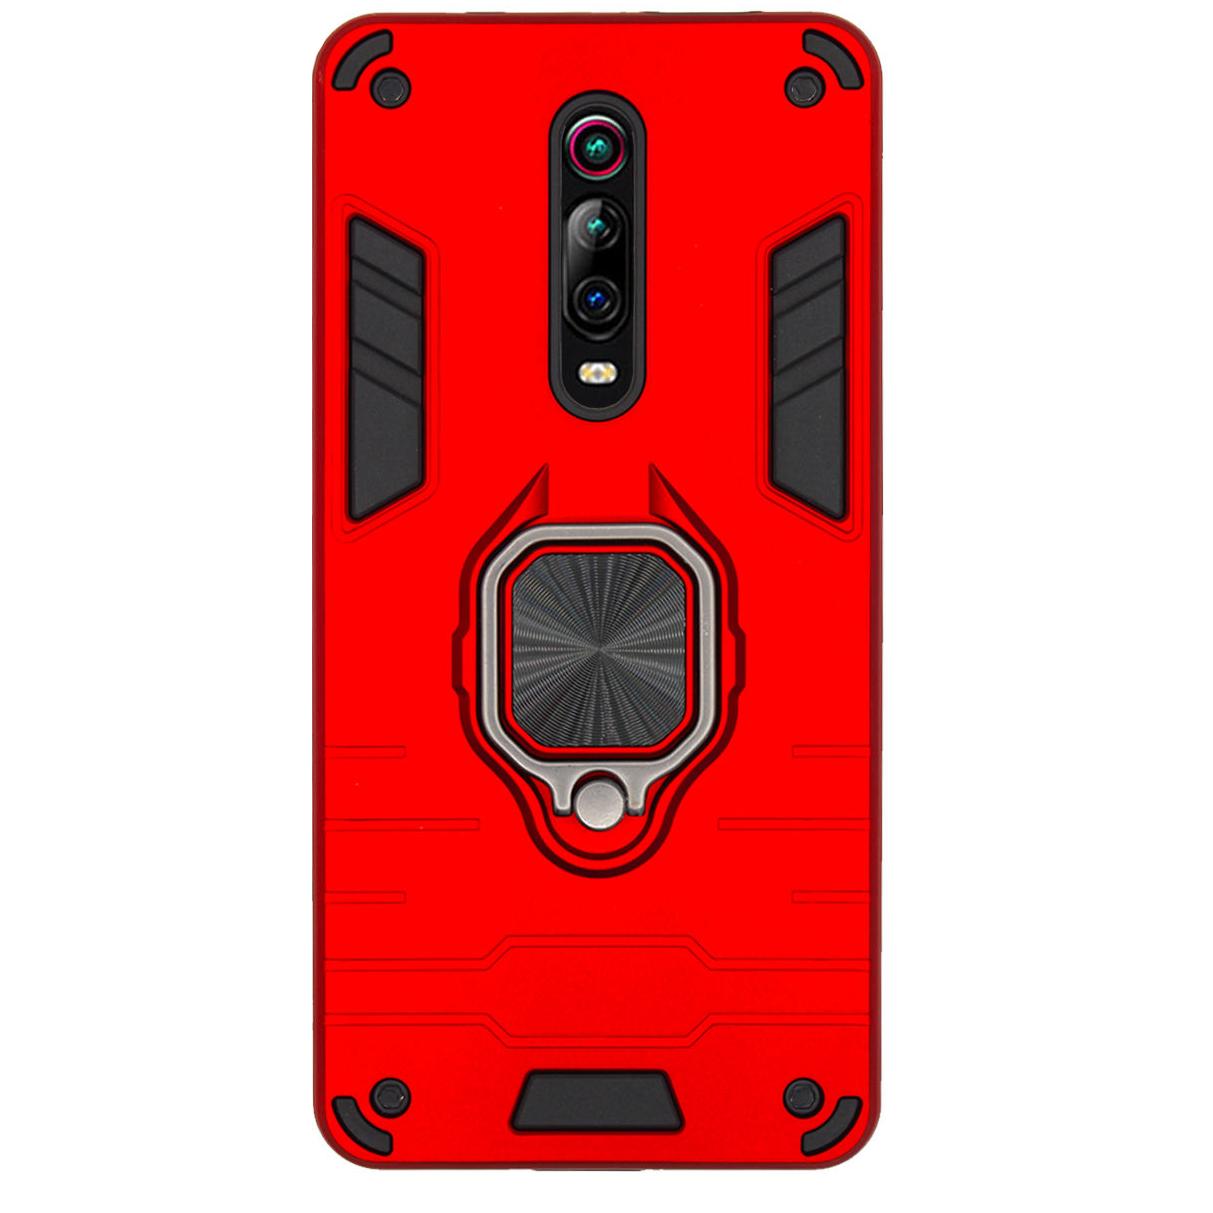 کاور مدل HC-001 مناسب برای گوشی موبایل شیائومی Redmi K20 / K20 Pro / Mi 9T / Mi 9T Pro